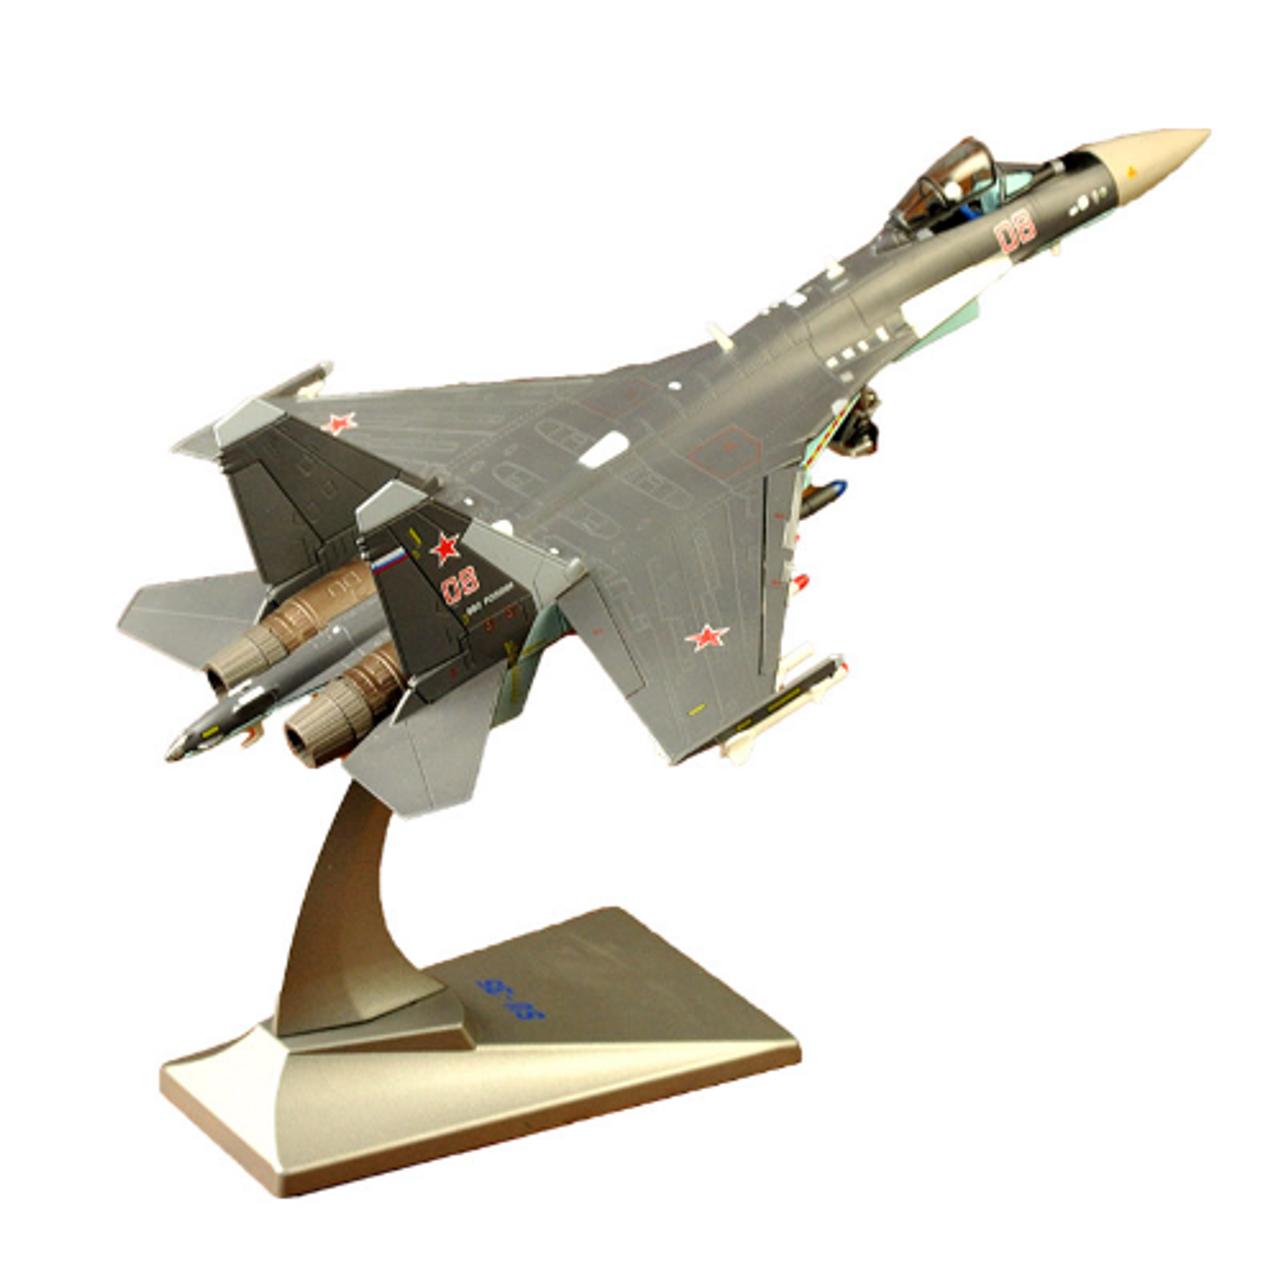 Sukhoi Su-35 Flanker Fighter Jet Toy Model